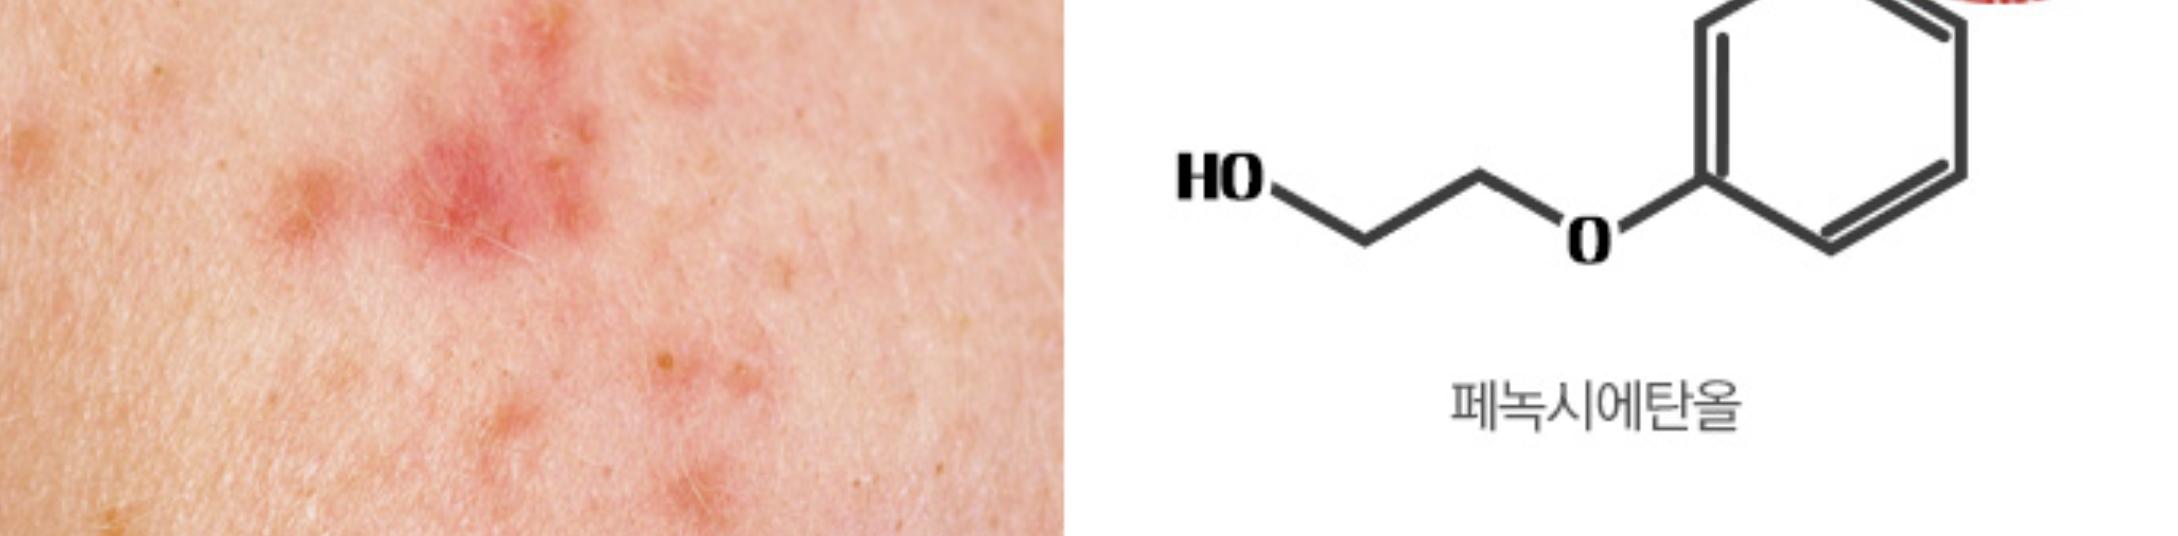 Fotografía de la piel reaccionada por fenoxietanol